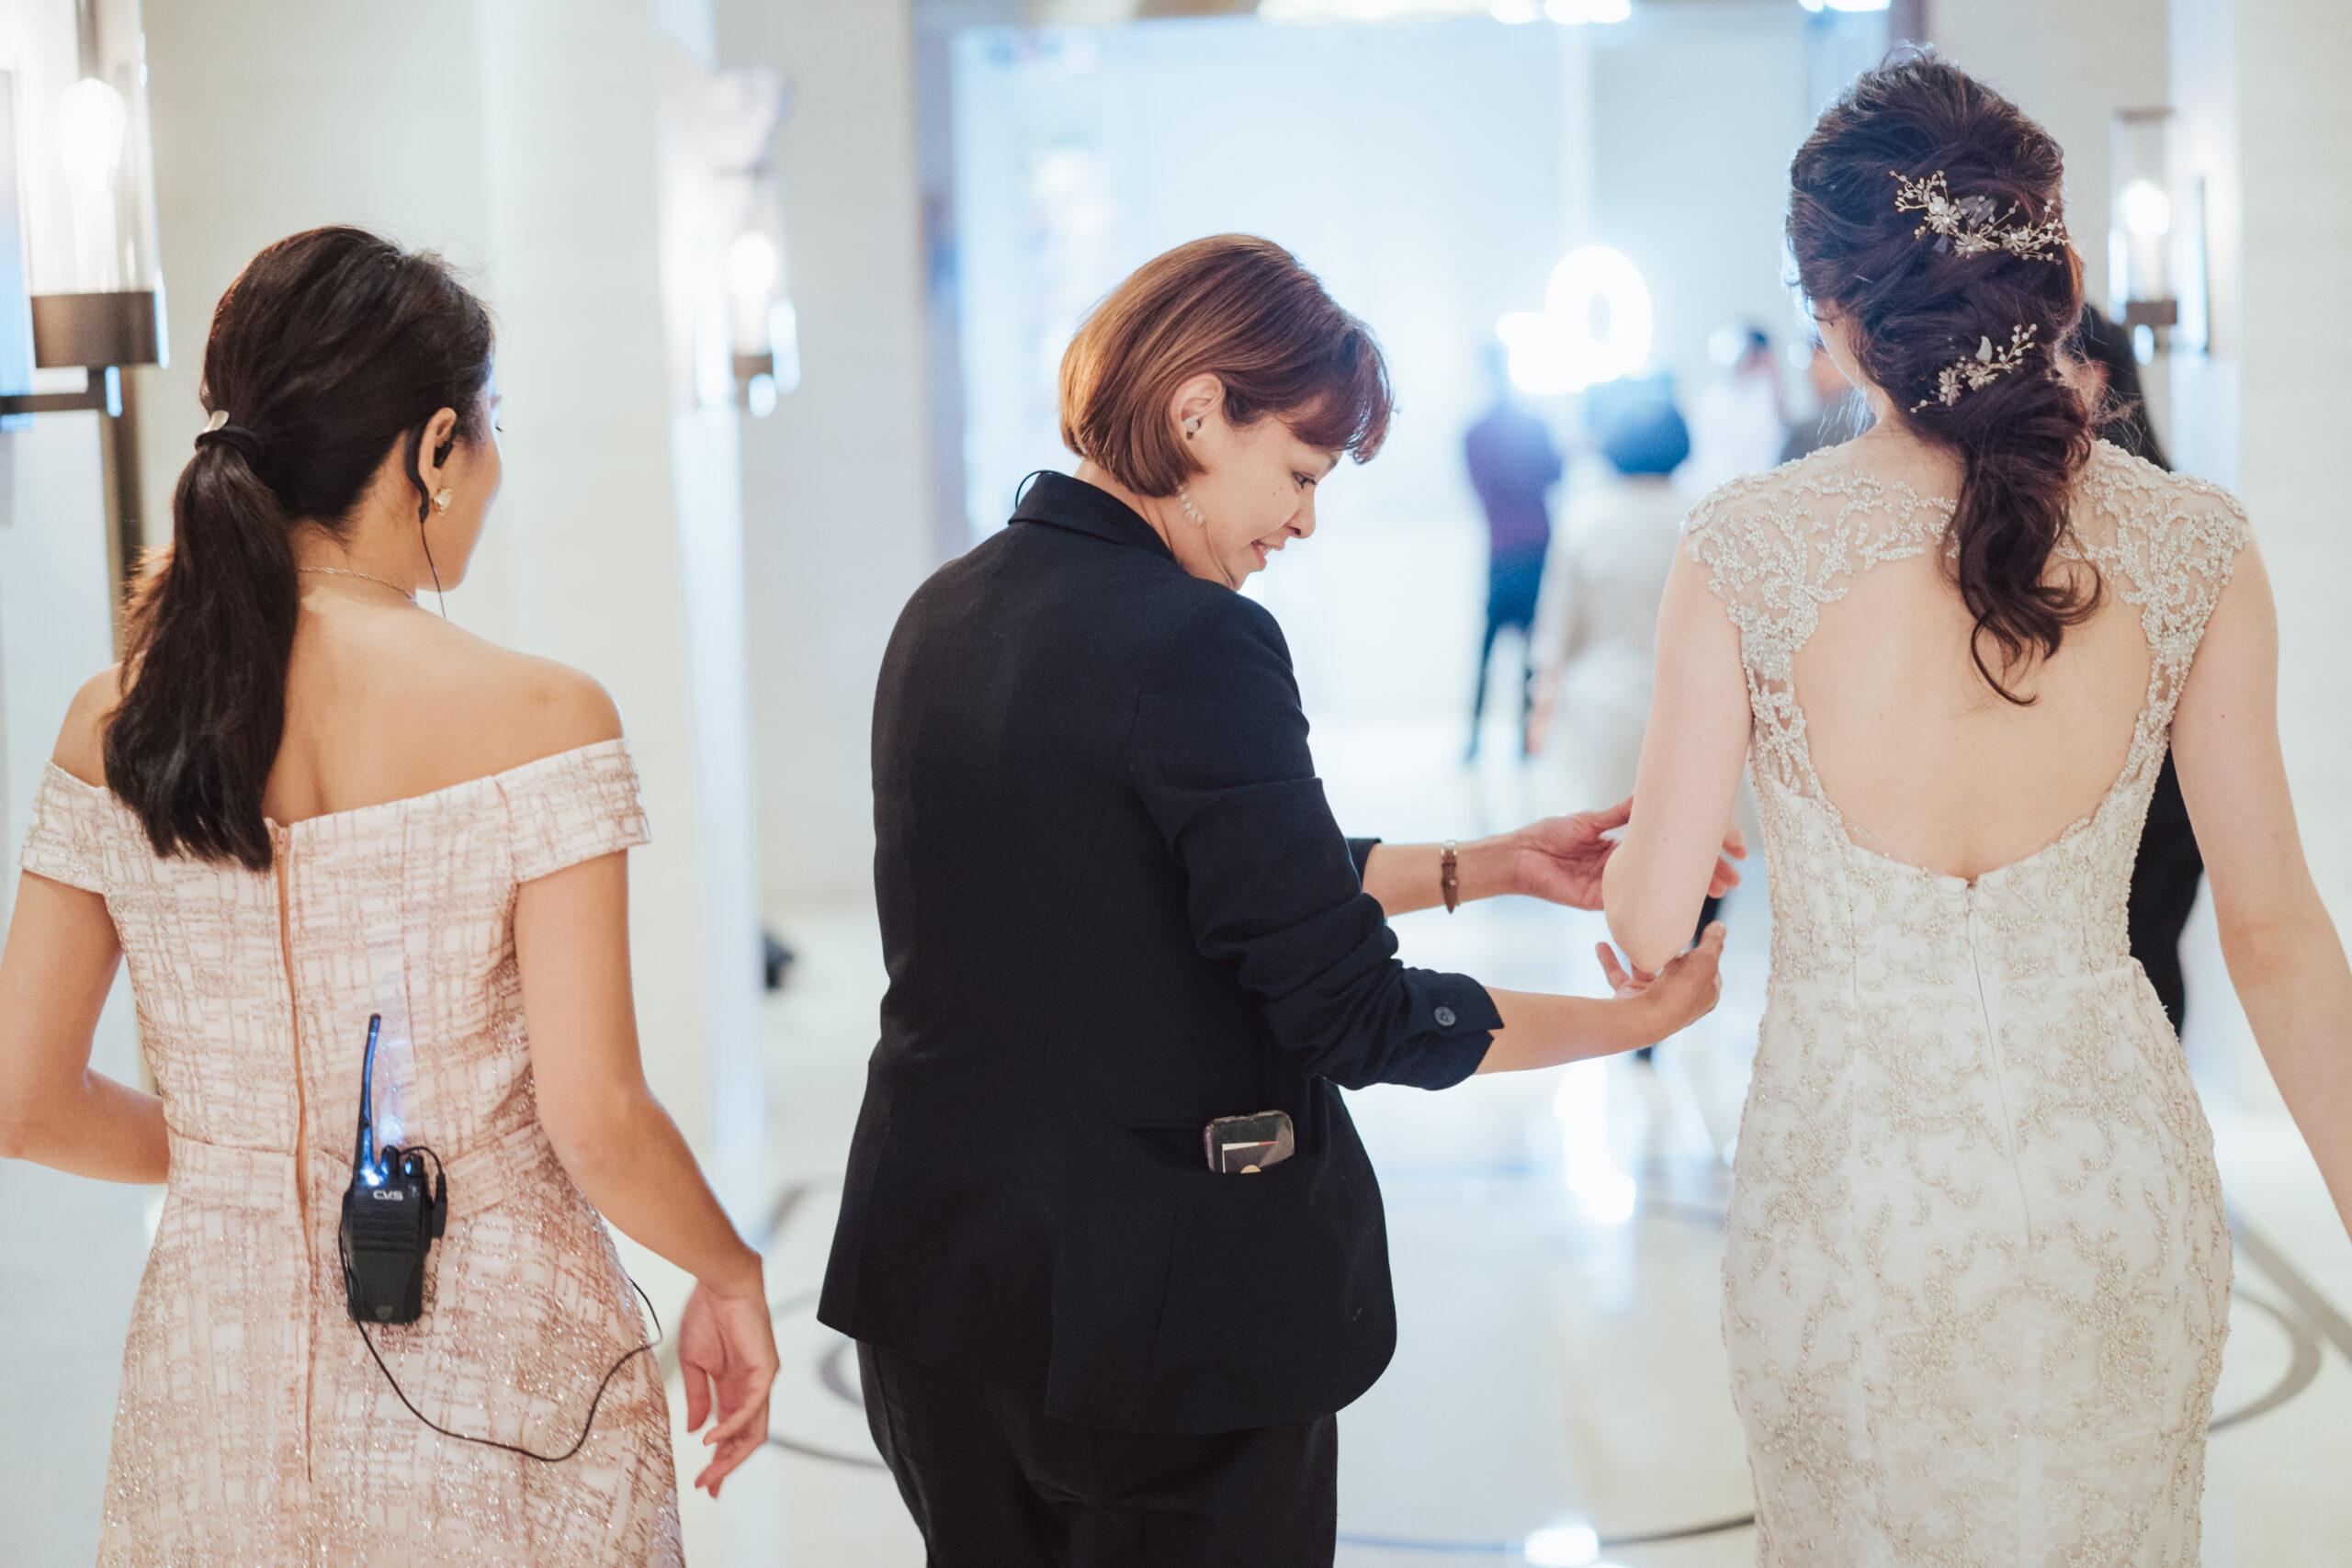 婚禮小管家,顧問